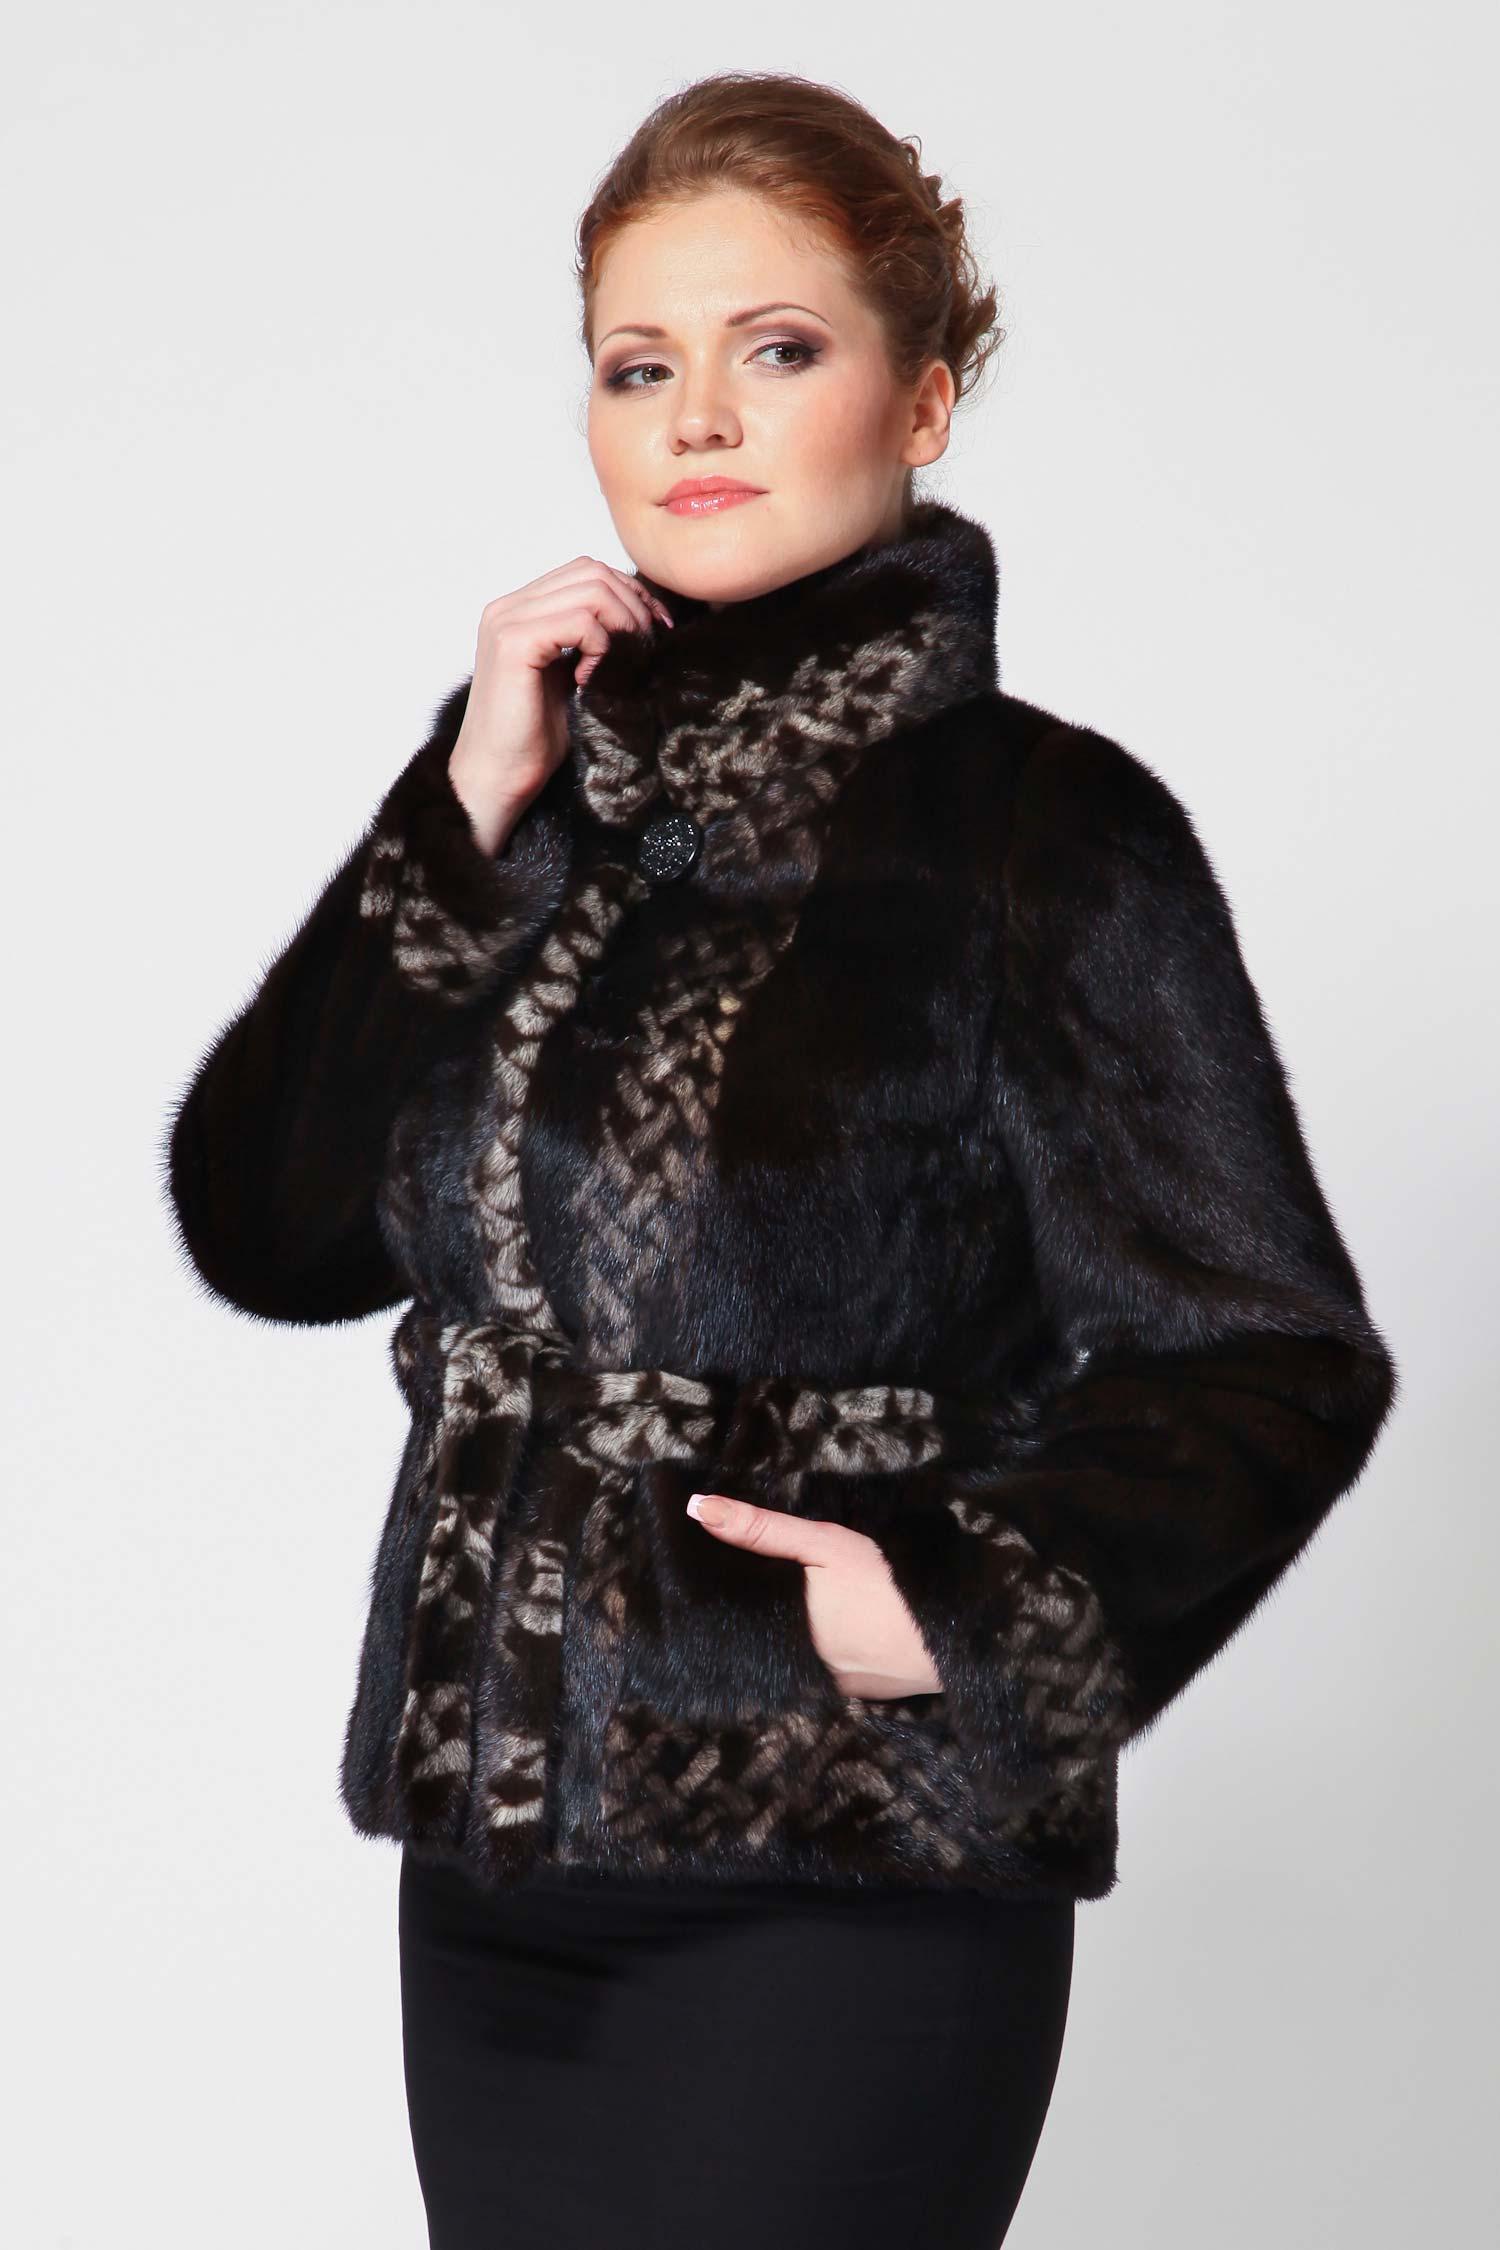 Куртка из норки с воротником, без отделкиНорковая куртка - для тех, кто выбирает стильные и качественные предметы гардероба. Особенности: натуральный мех норки, темно-коричневый цвет Mahogany, отделка идет трафаретной окраски с геометрическими узорами, прямой покрой, пояс на талии и два прорезных кармана по бокам, застегивается на удобные шубные крючки, длинные рукава, воротник украшен декоративной пуговицей. Прекрасный выбор!<br><br>Длина см: 65<br>Воротник: Обычный<br>Цвет: Коричневый (Mahogany)<br>Пол: Женский<br>Размер RU: 44